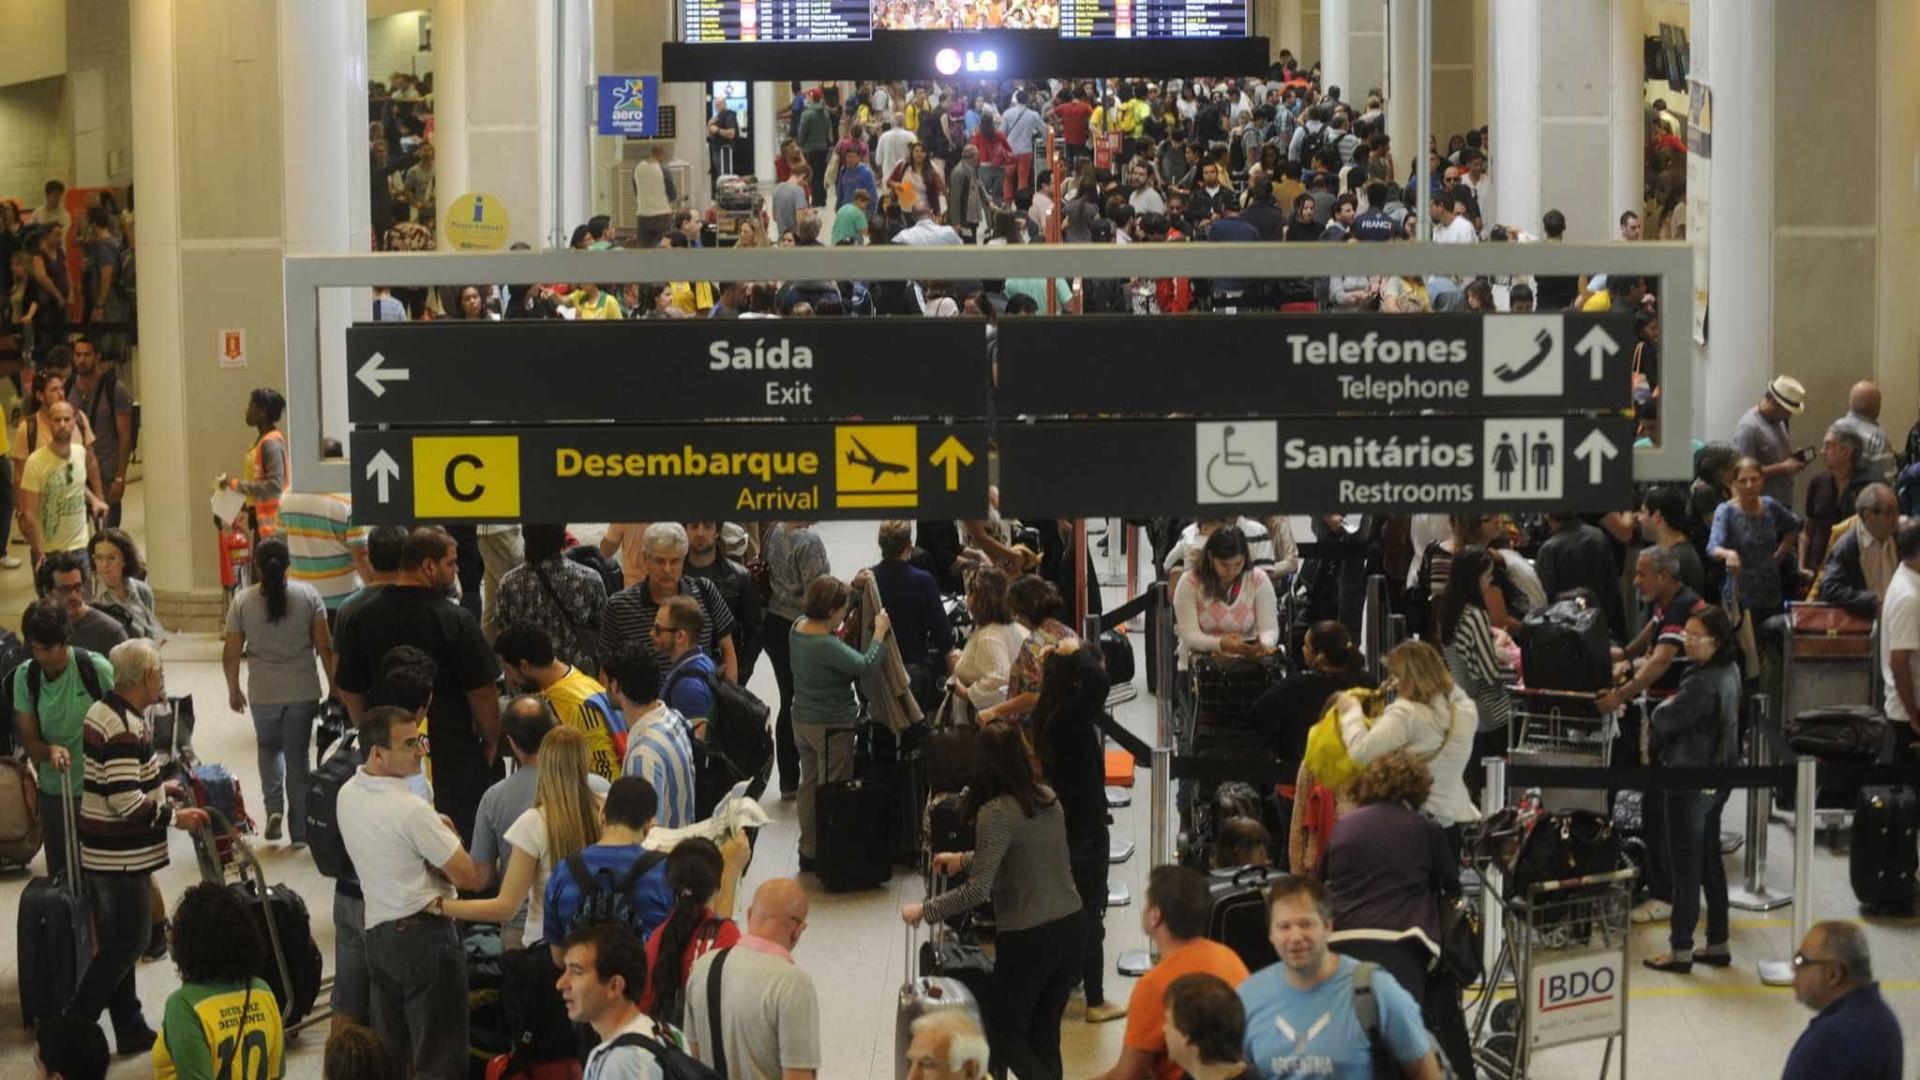 Aeronáutica expulsa controladores de voo por motim durante caos aéreo